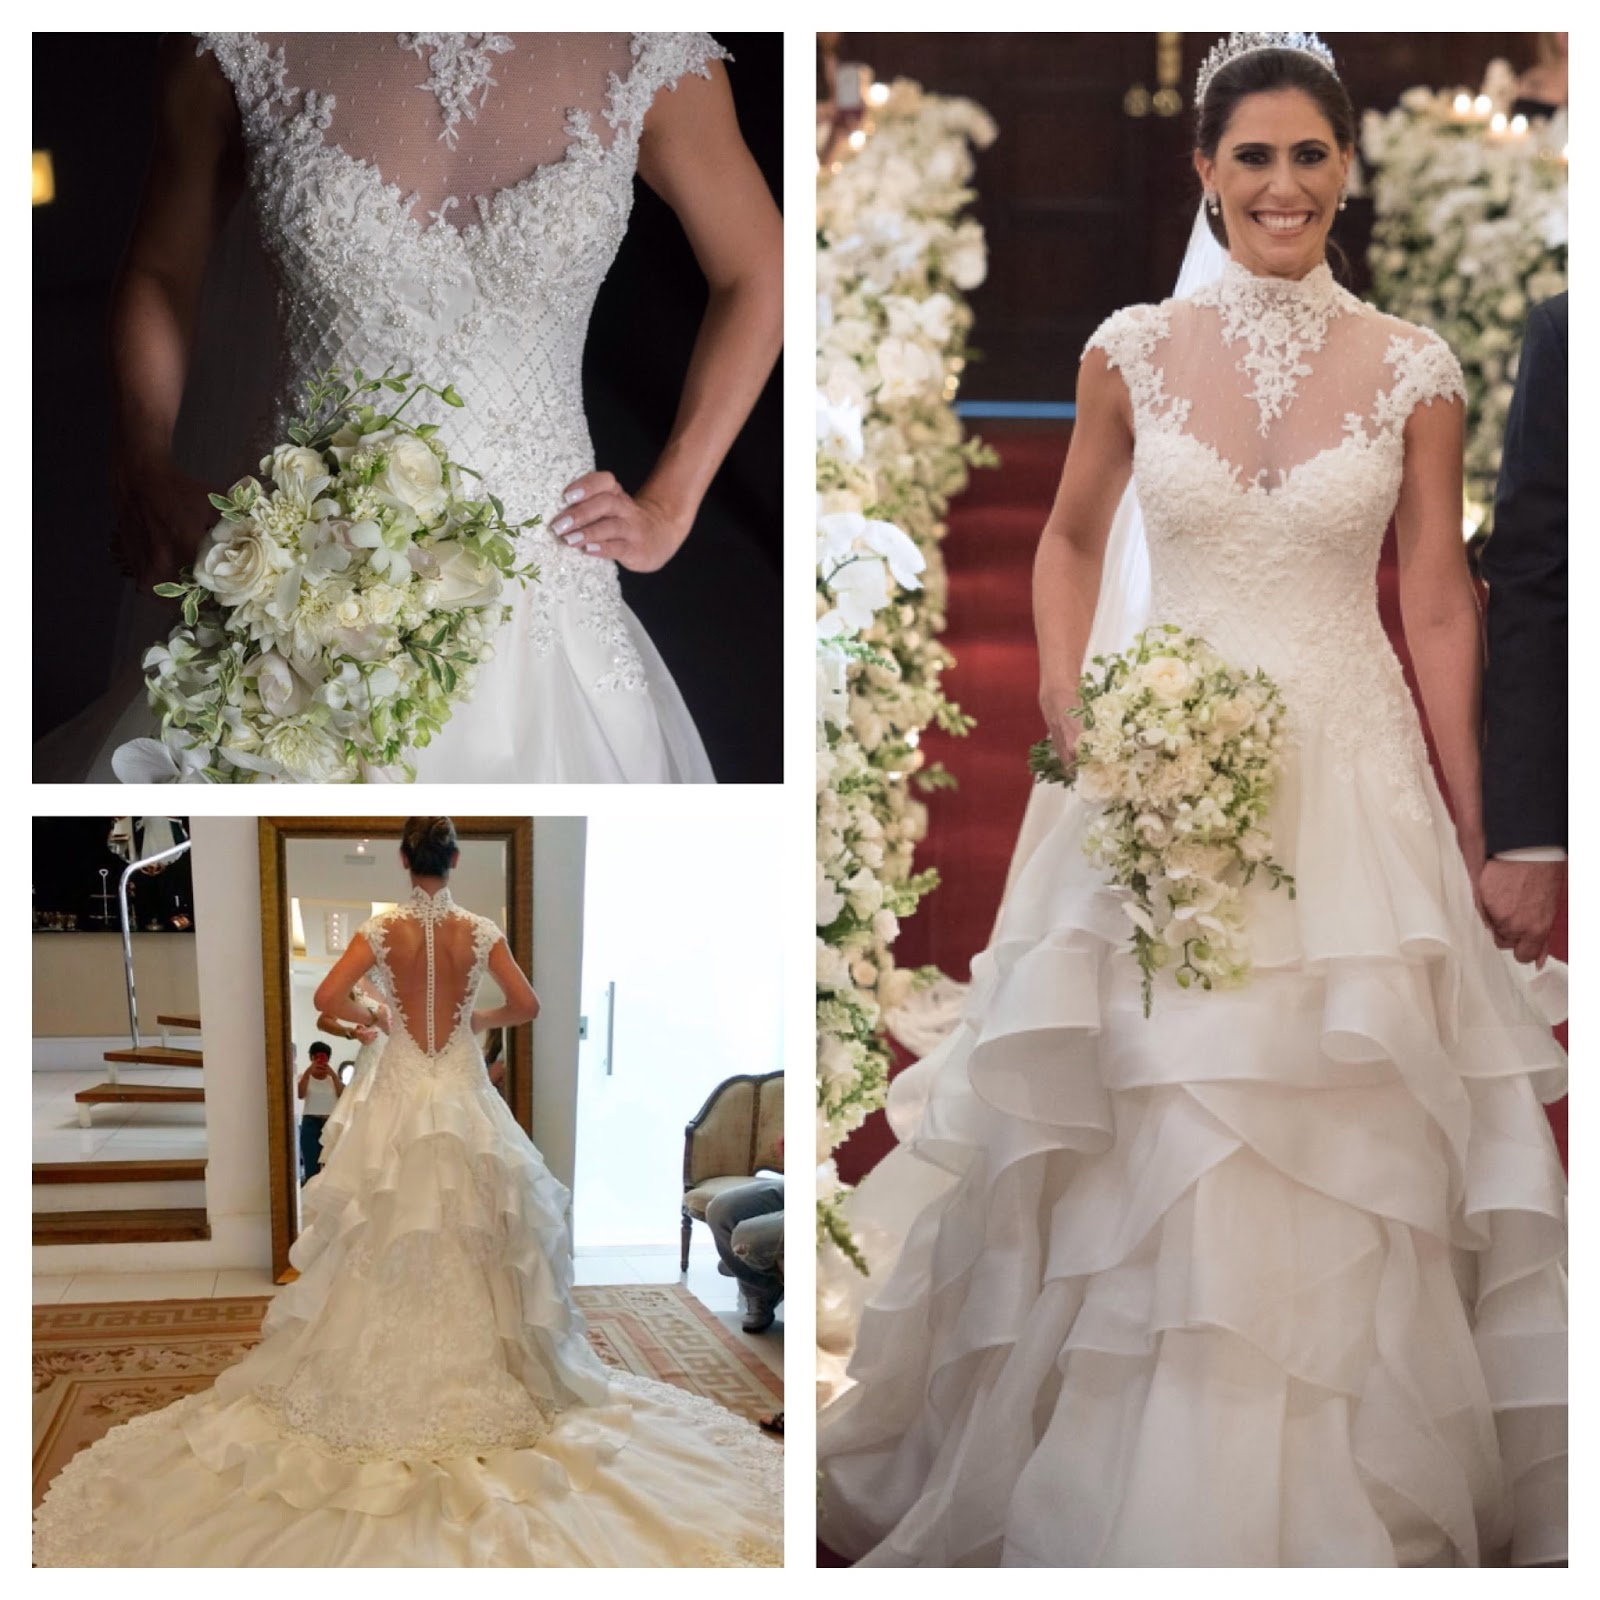 b9691d555 Um sonho de vestido. Ficarei muito feliz em vê-lo em outra noiva, pois  foram 9 meses de dedicação à ele. Valor: R$18.000,00 email:  julianaissa.ch@hotmail. ...